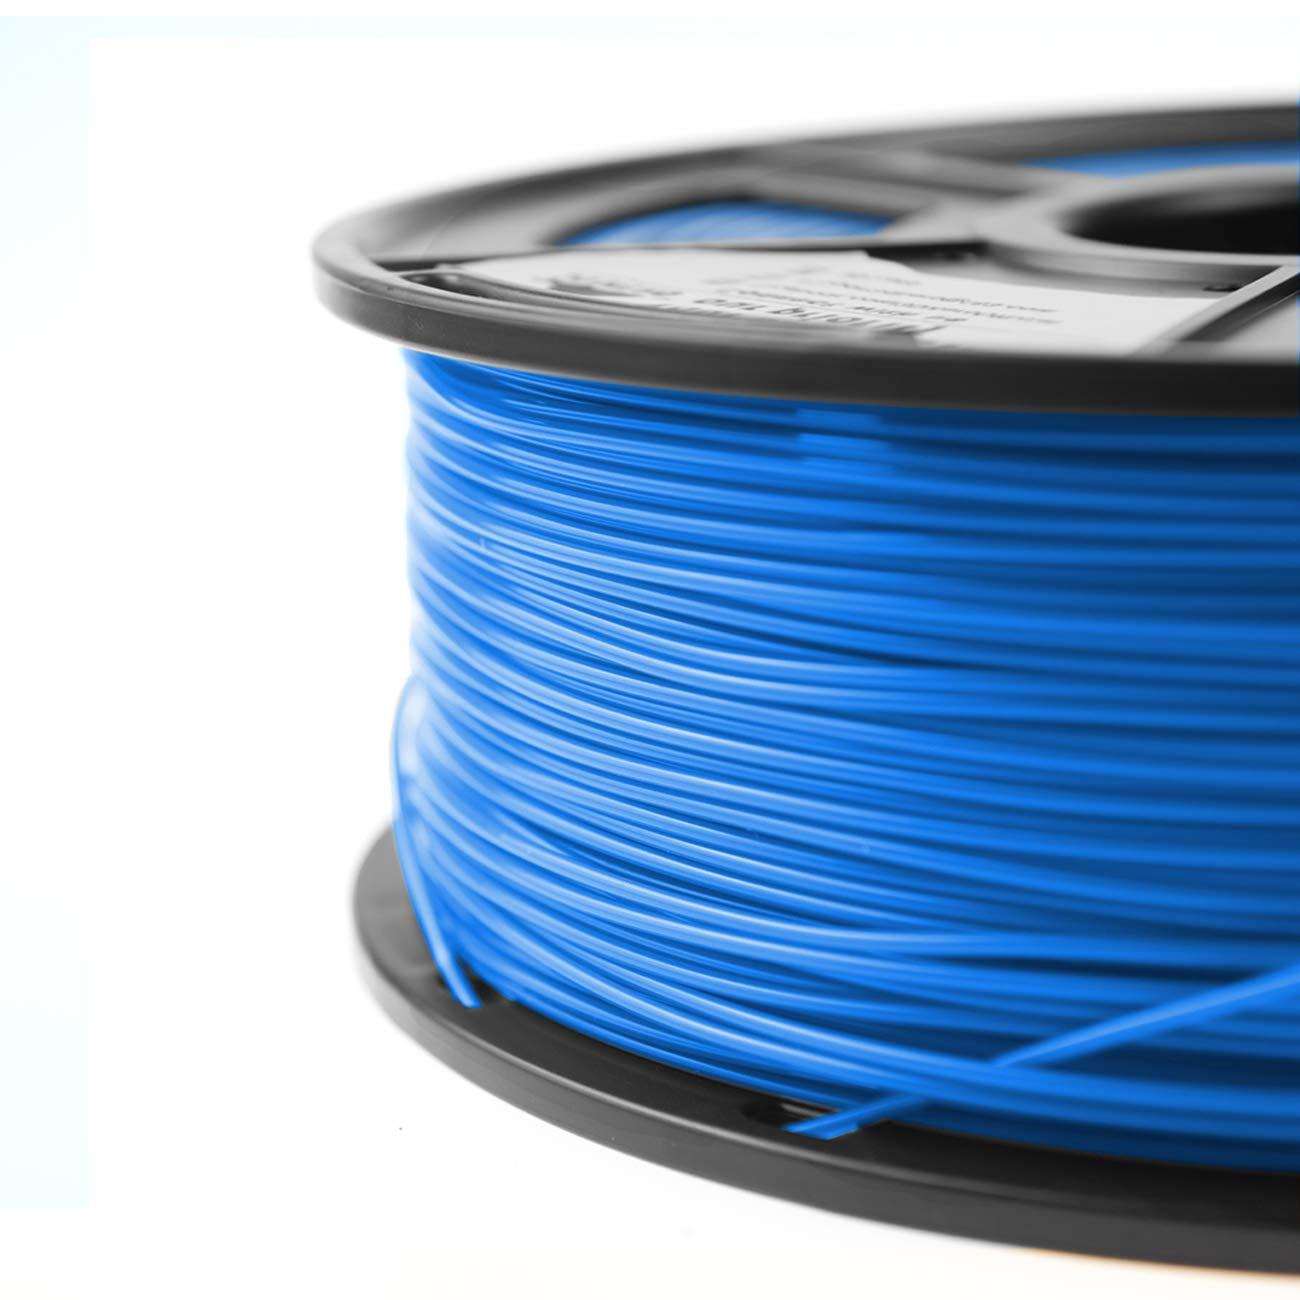 ,1.75mm Filament Bonus with 5M PCL Nozzle Cleaning Filament 1KG Dimensional Accuracy +//- 0.02 mm 2.2 LBS PLA Filament Black 3D Hero PLA Filament 1.75mm,PLA 3D Printer Filament